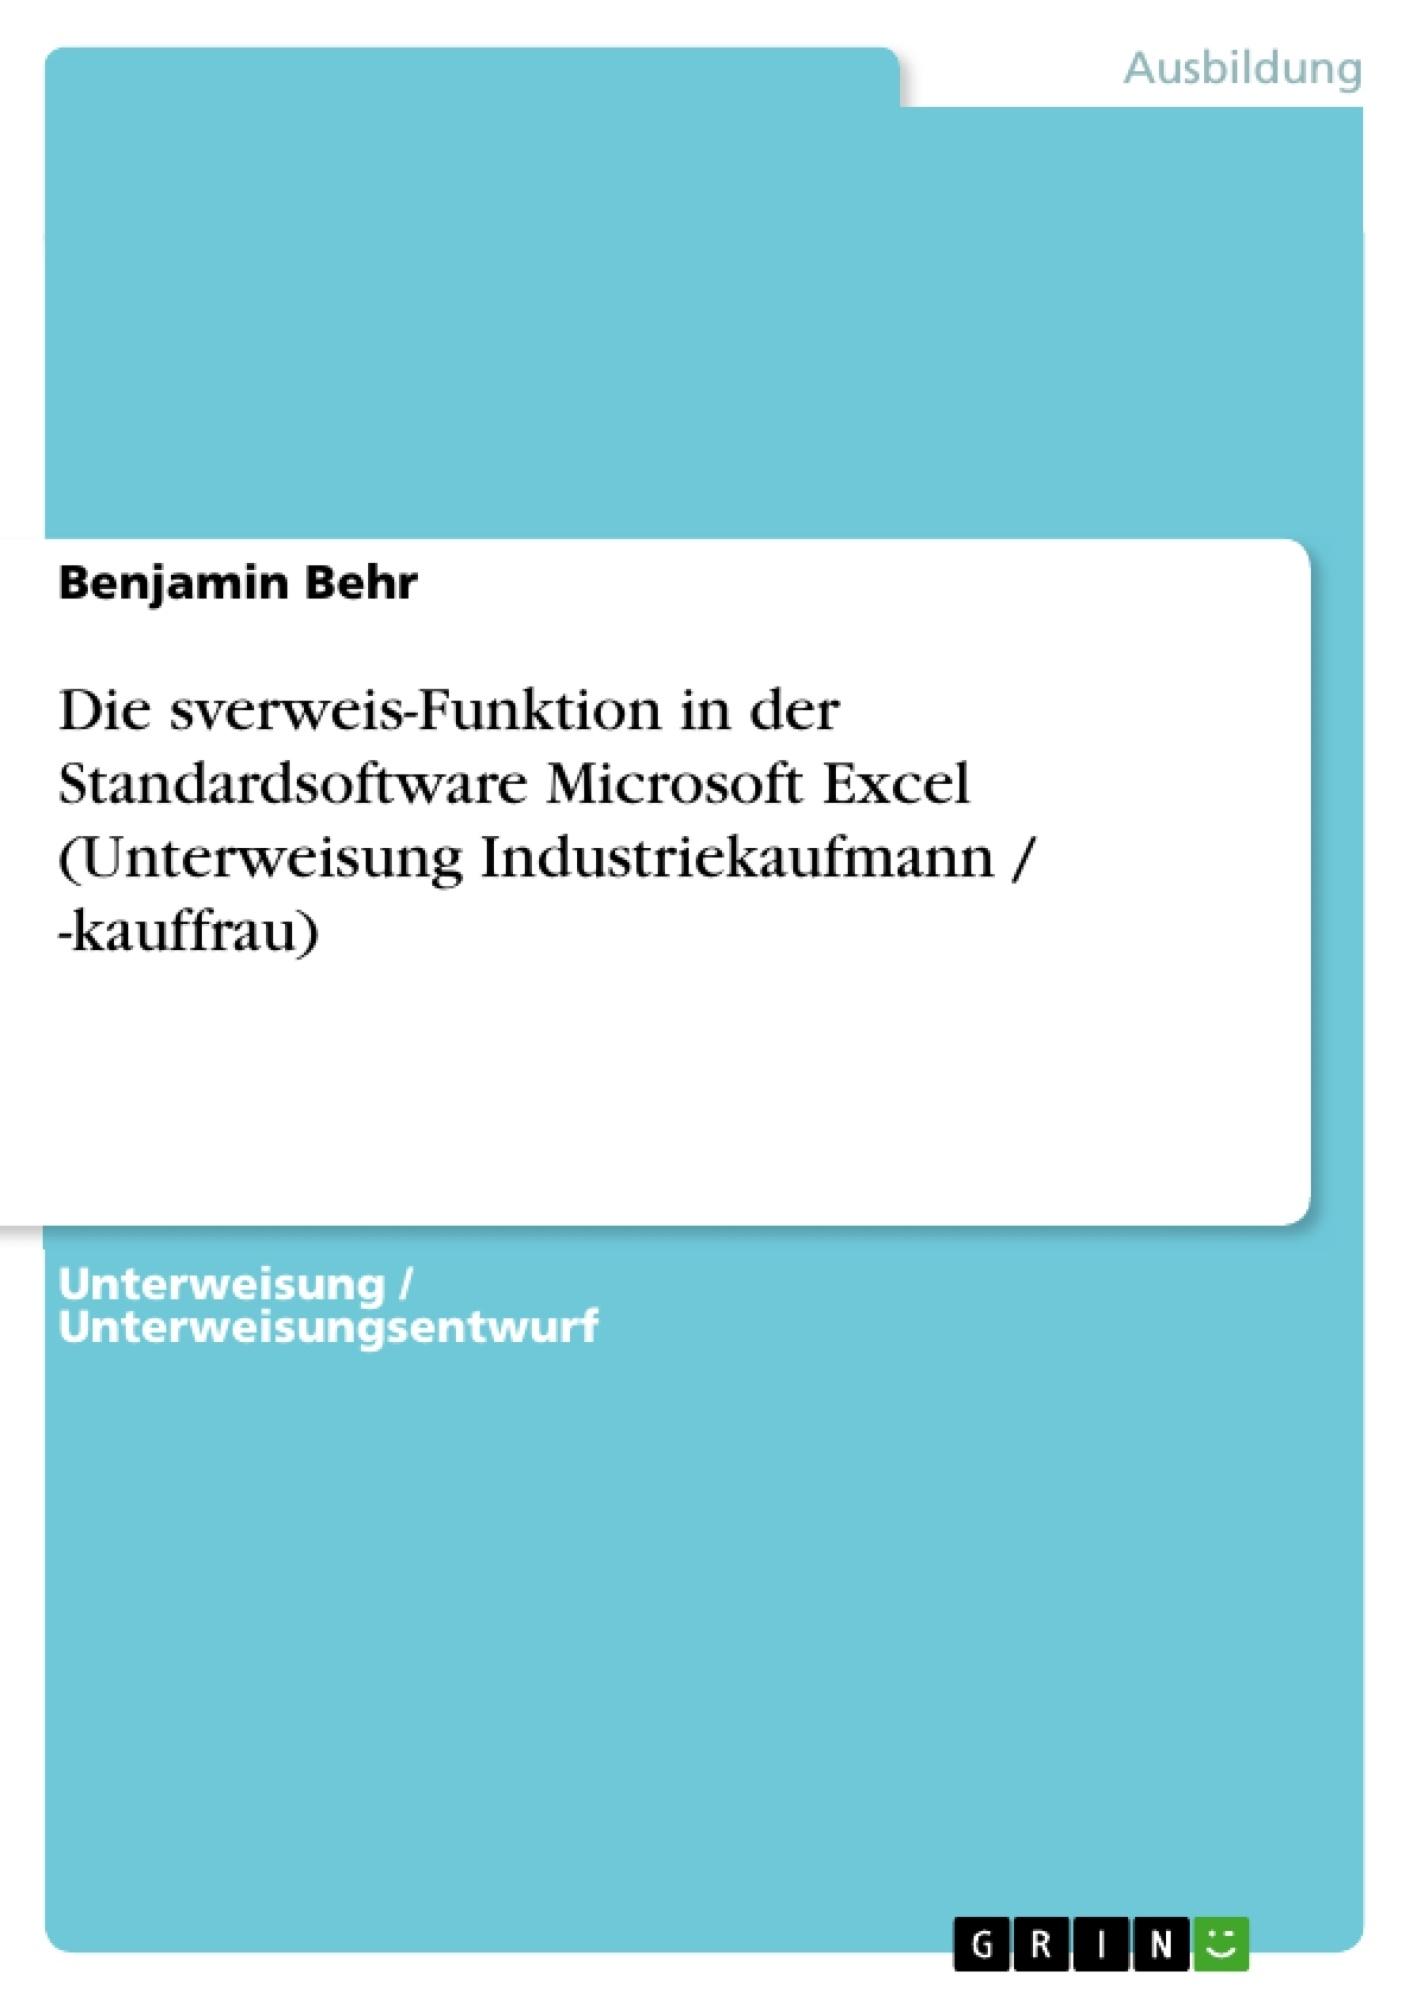 Titel: Die sverweis-Funktion in der Standardsoftware Microsoft Excel (Unterweisung Industriekaufmann / -kauffrau)